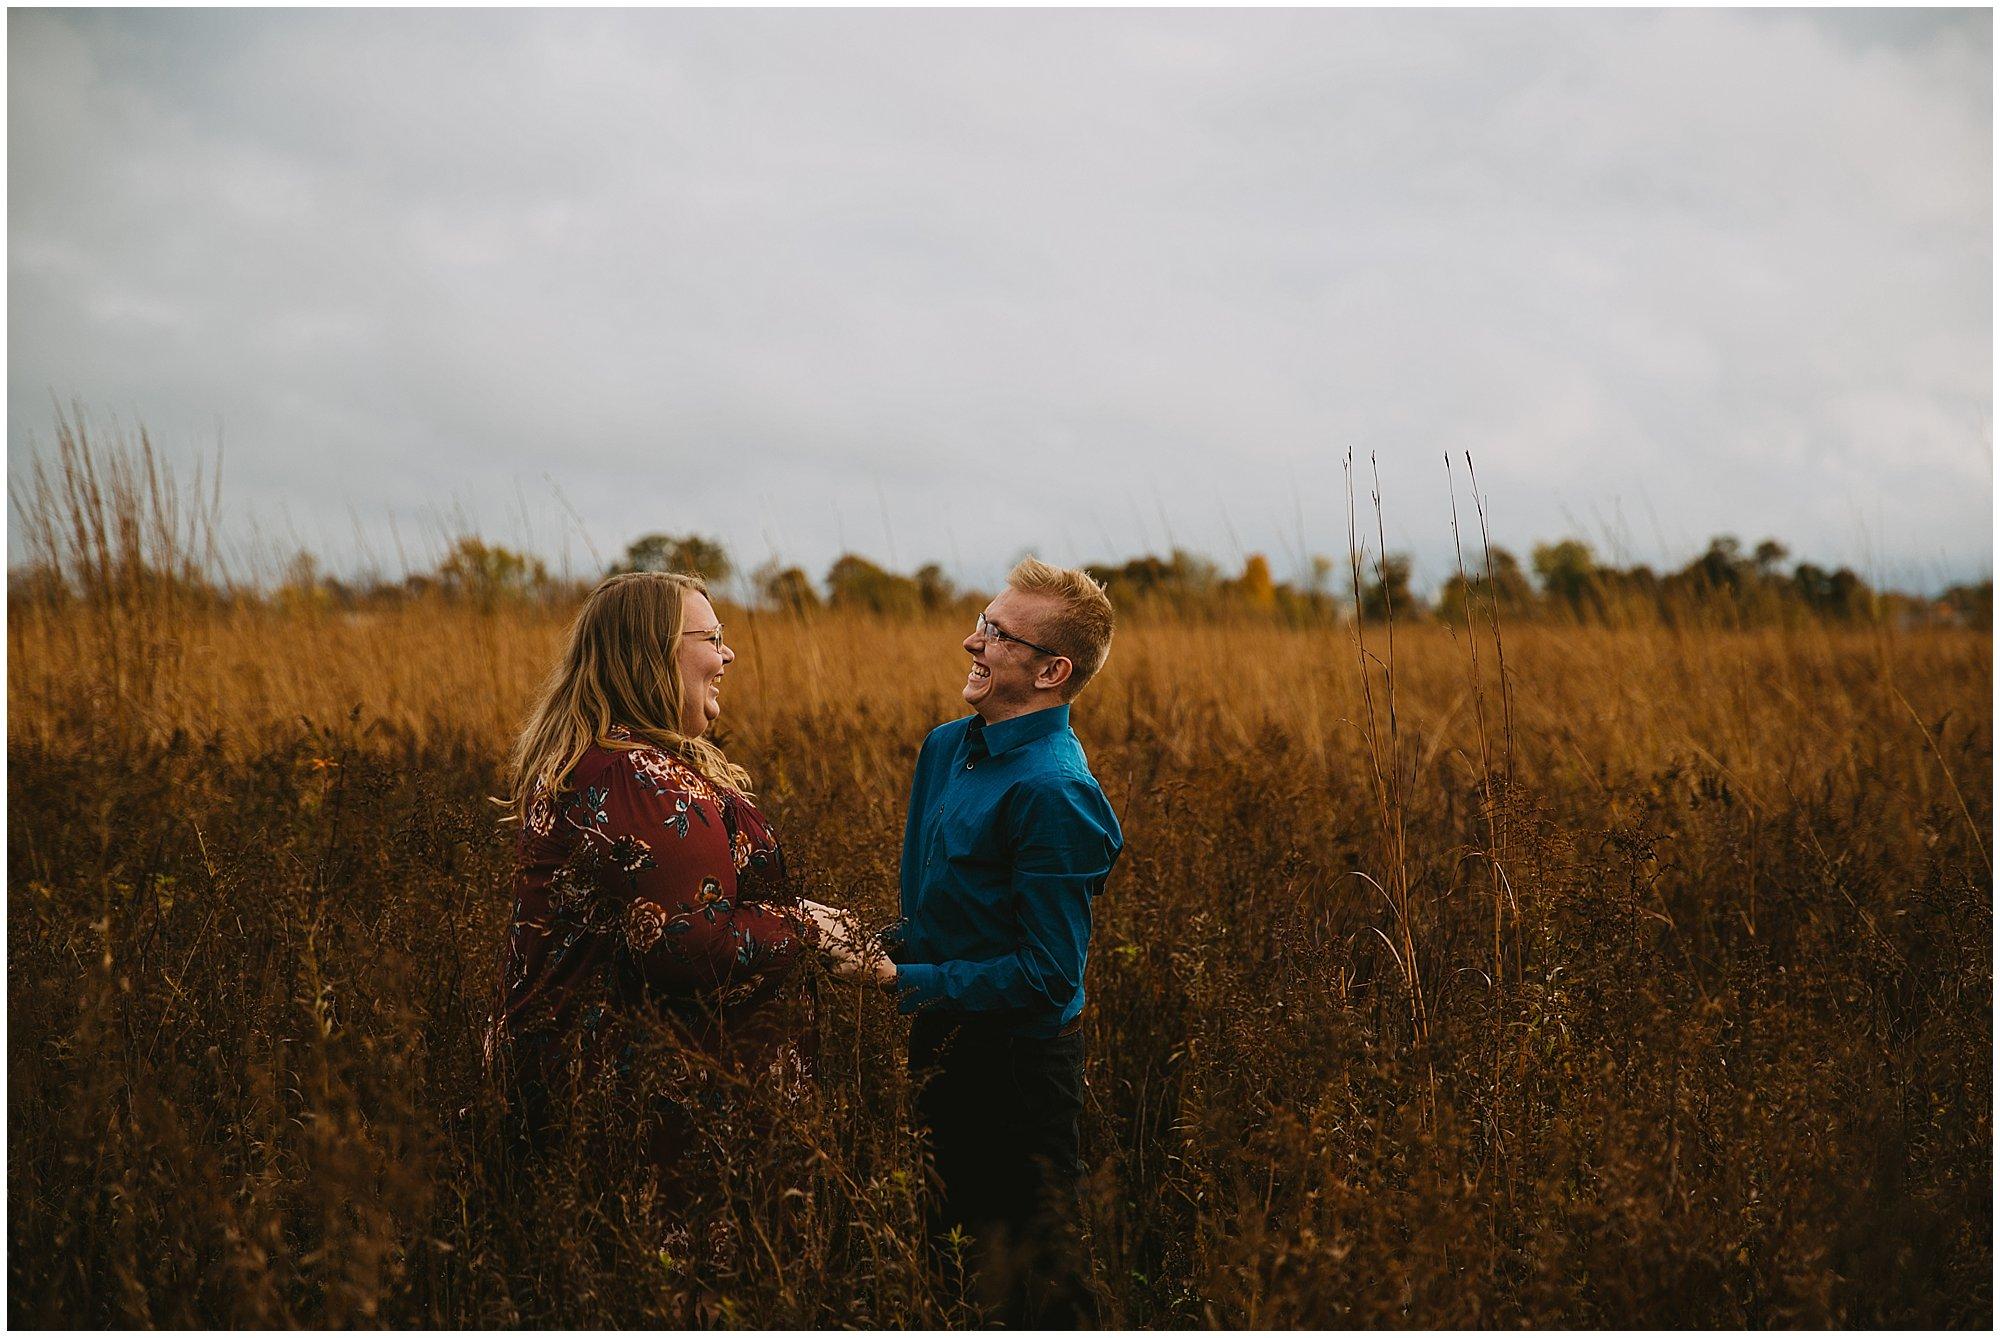 kalamazoo engagement photographer, kalamazoo wedding photographer